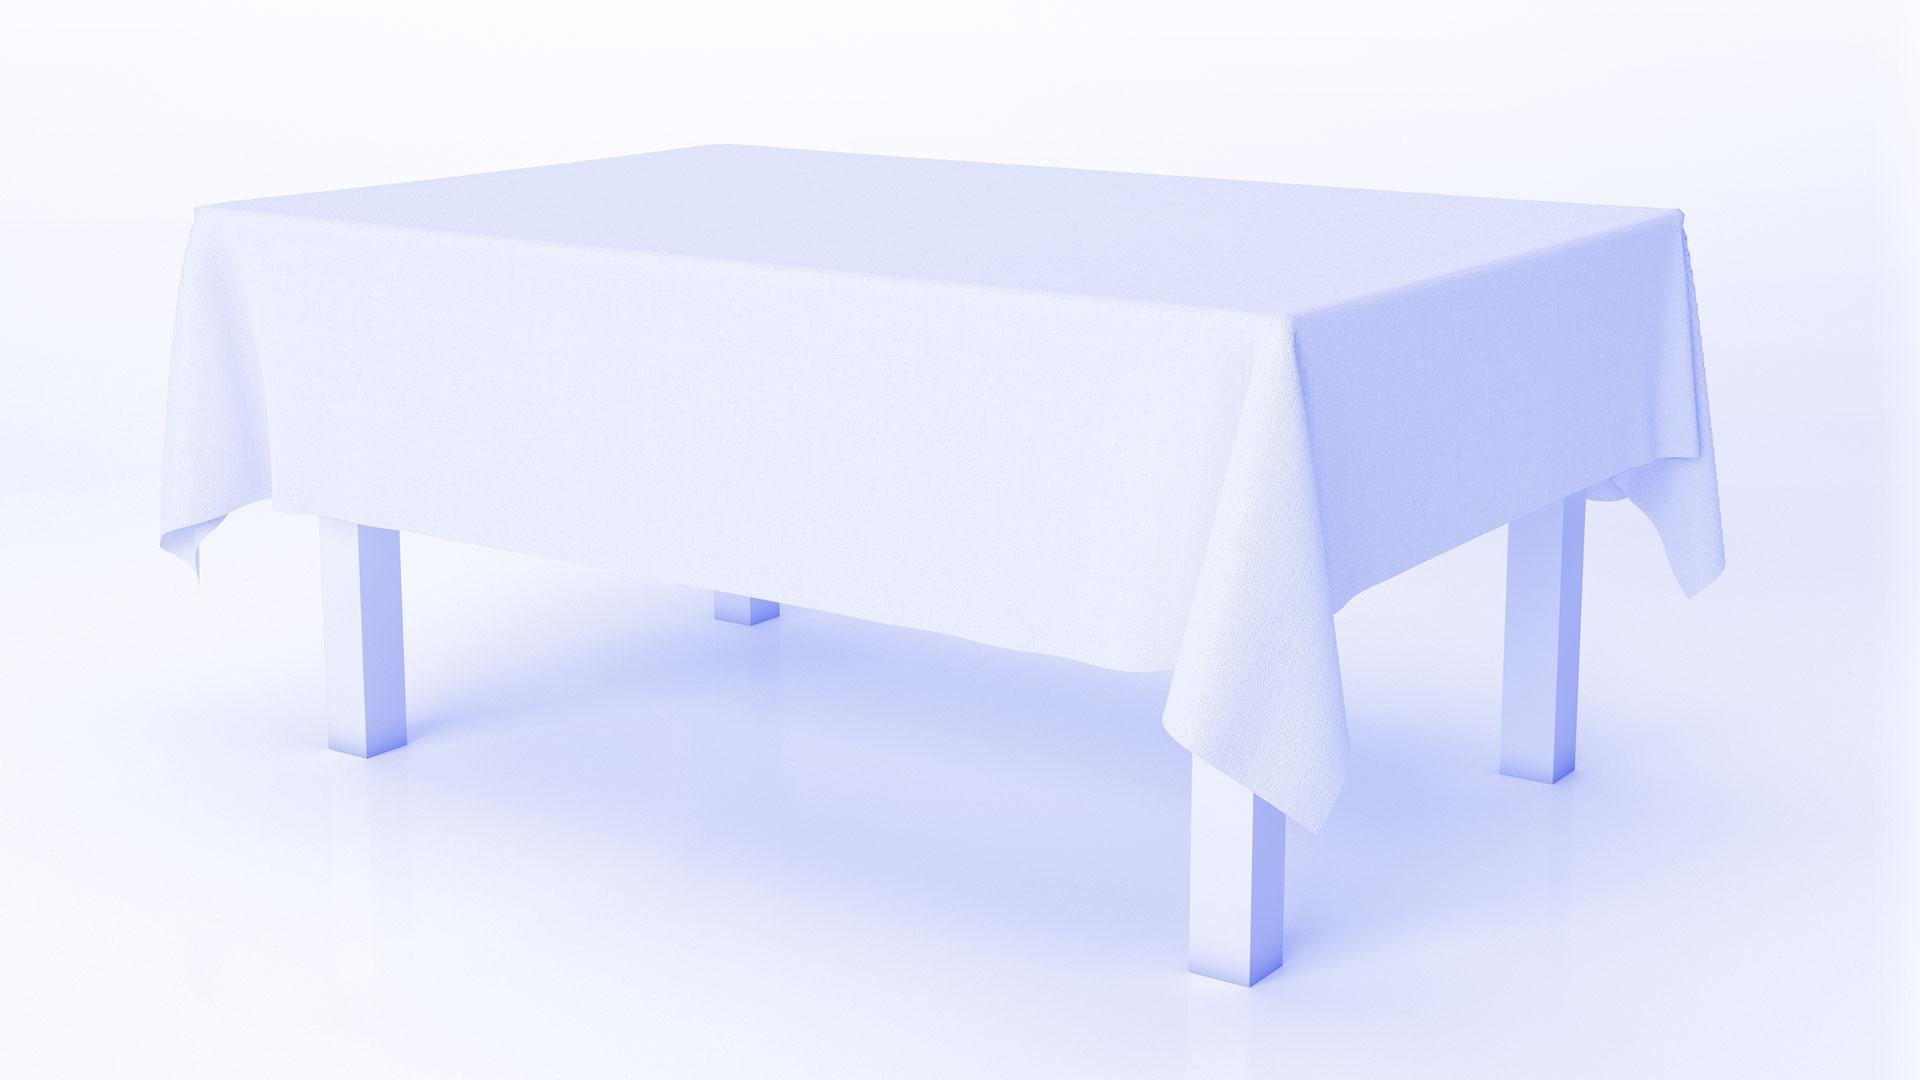 Как рисовать стол в угловой перспективе